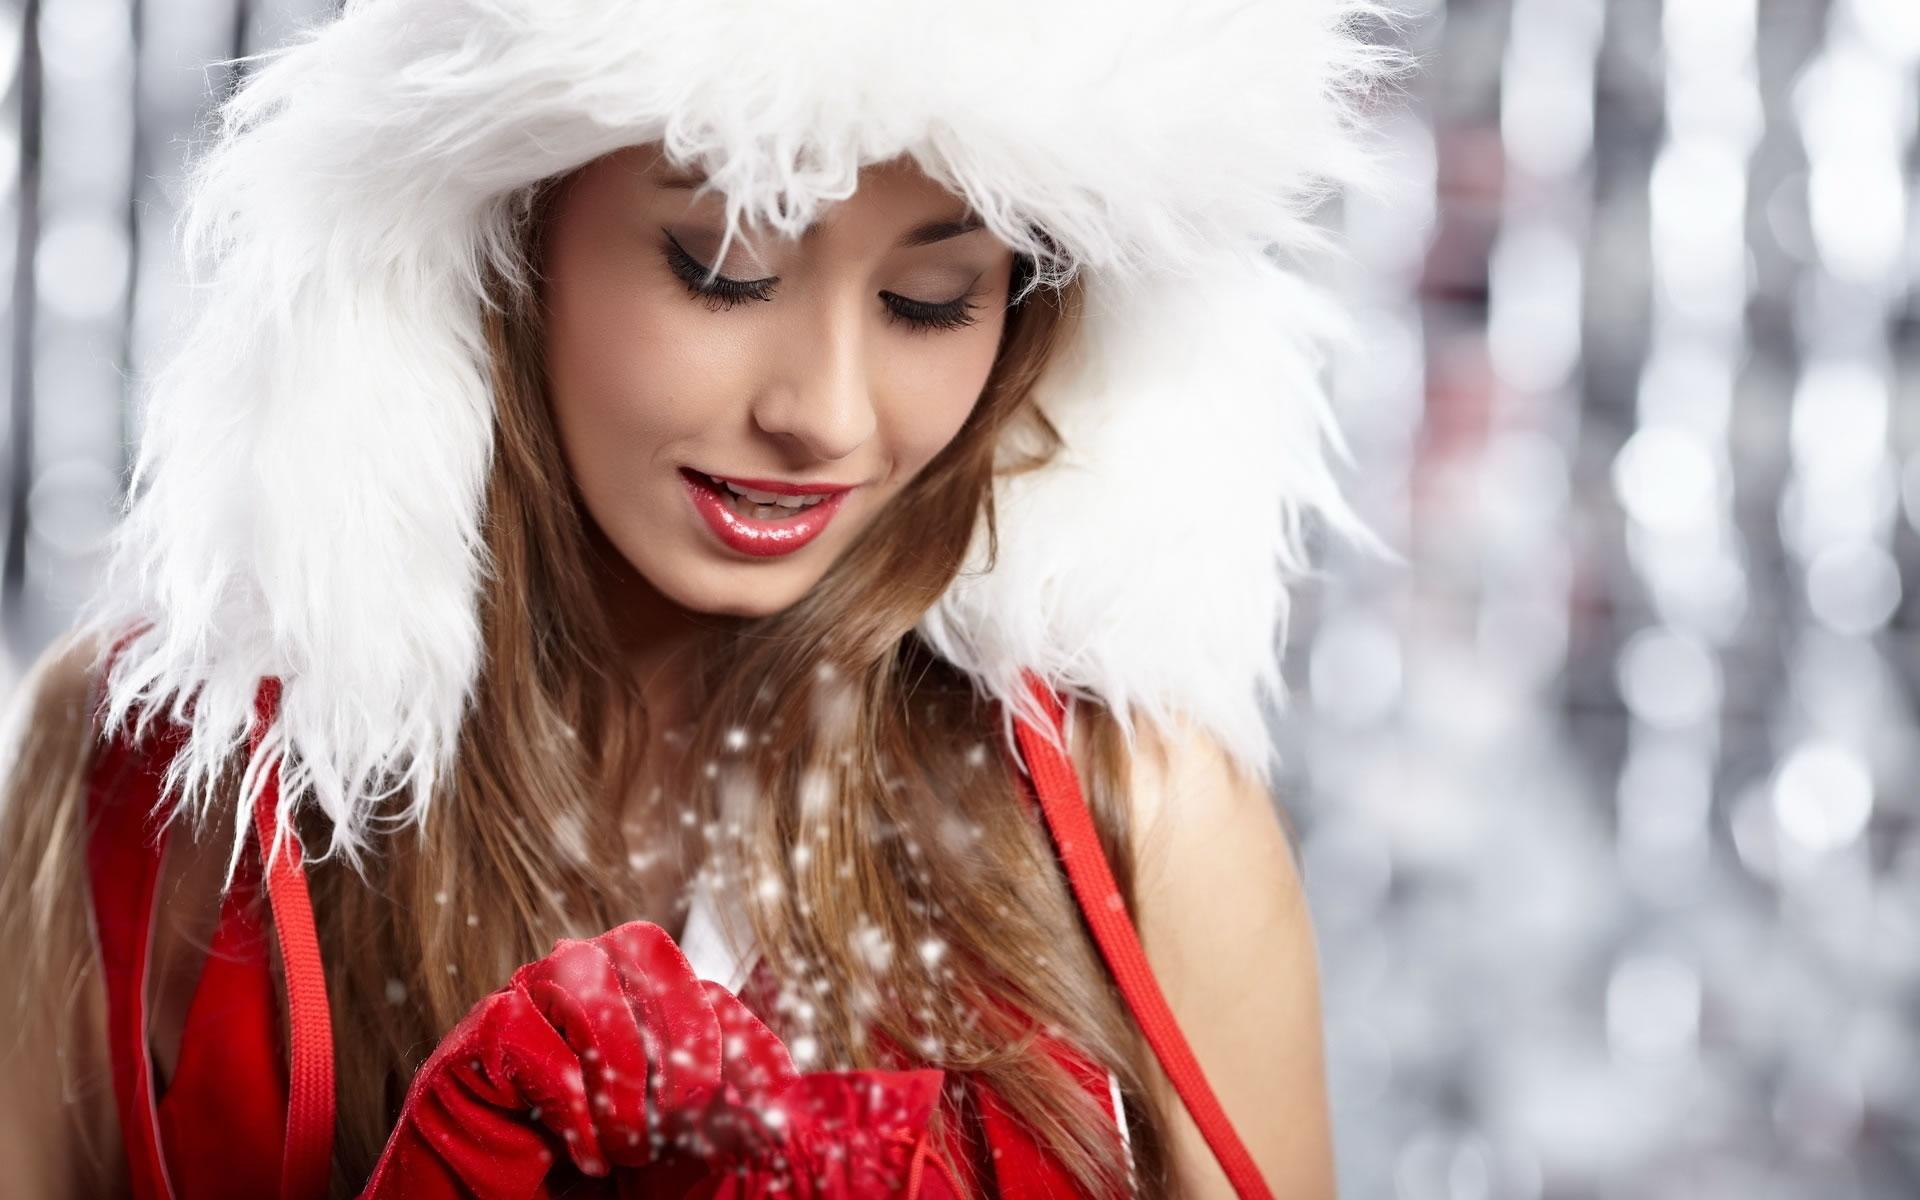 Sensuales Santa Girls Wallpaper.